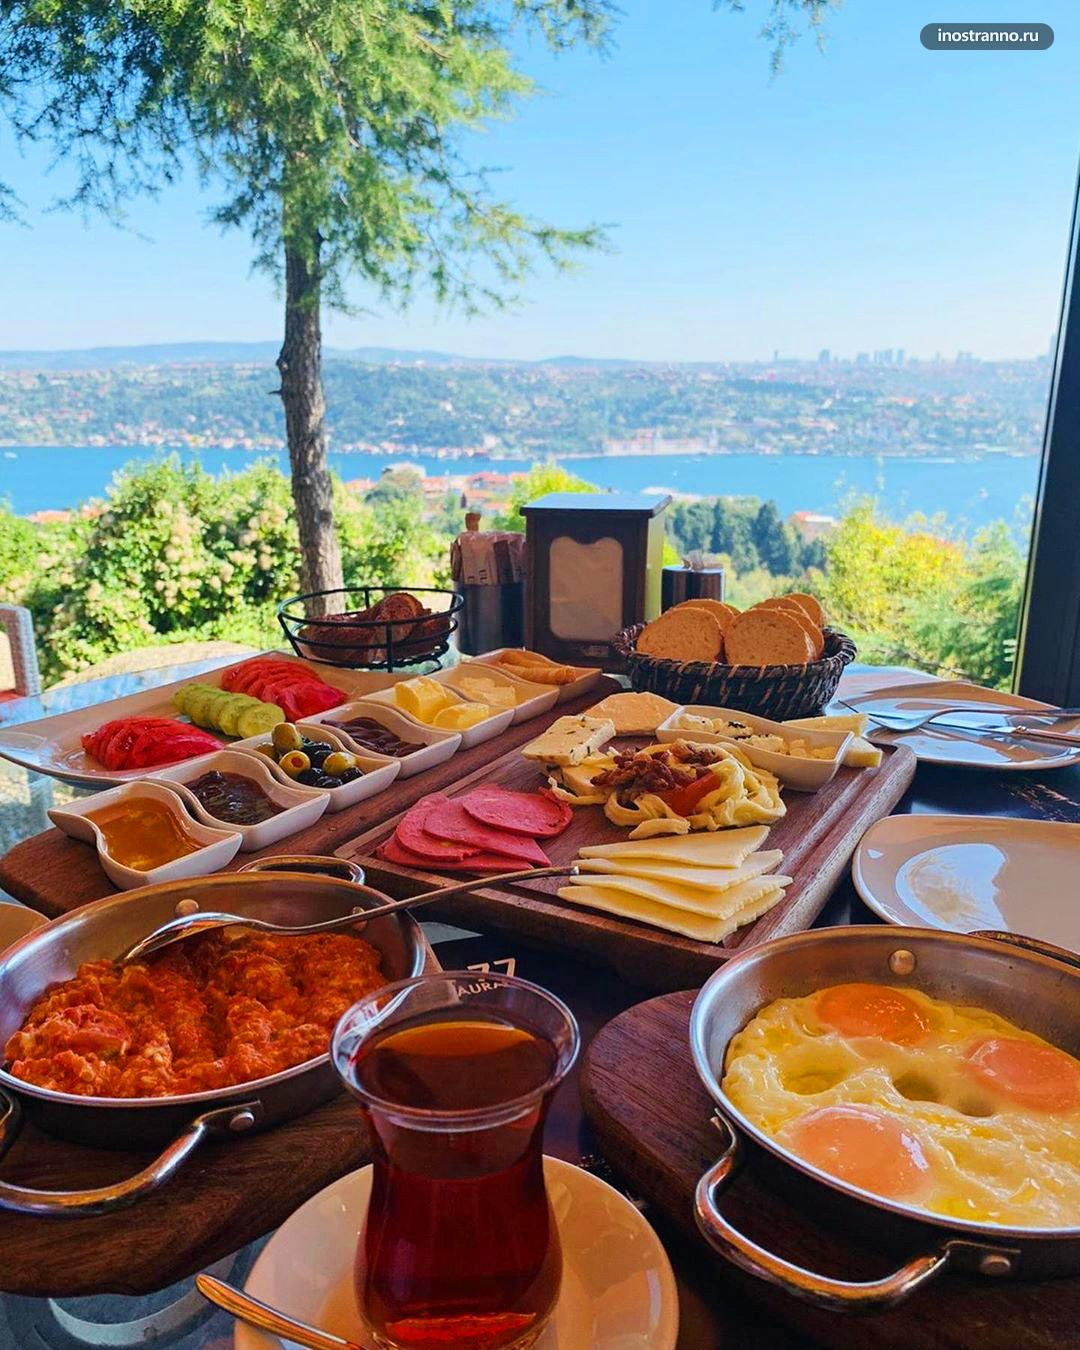 Парк Улус и хорошее кафе со смотровой в Стамбуле